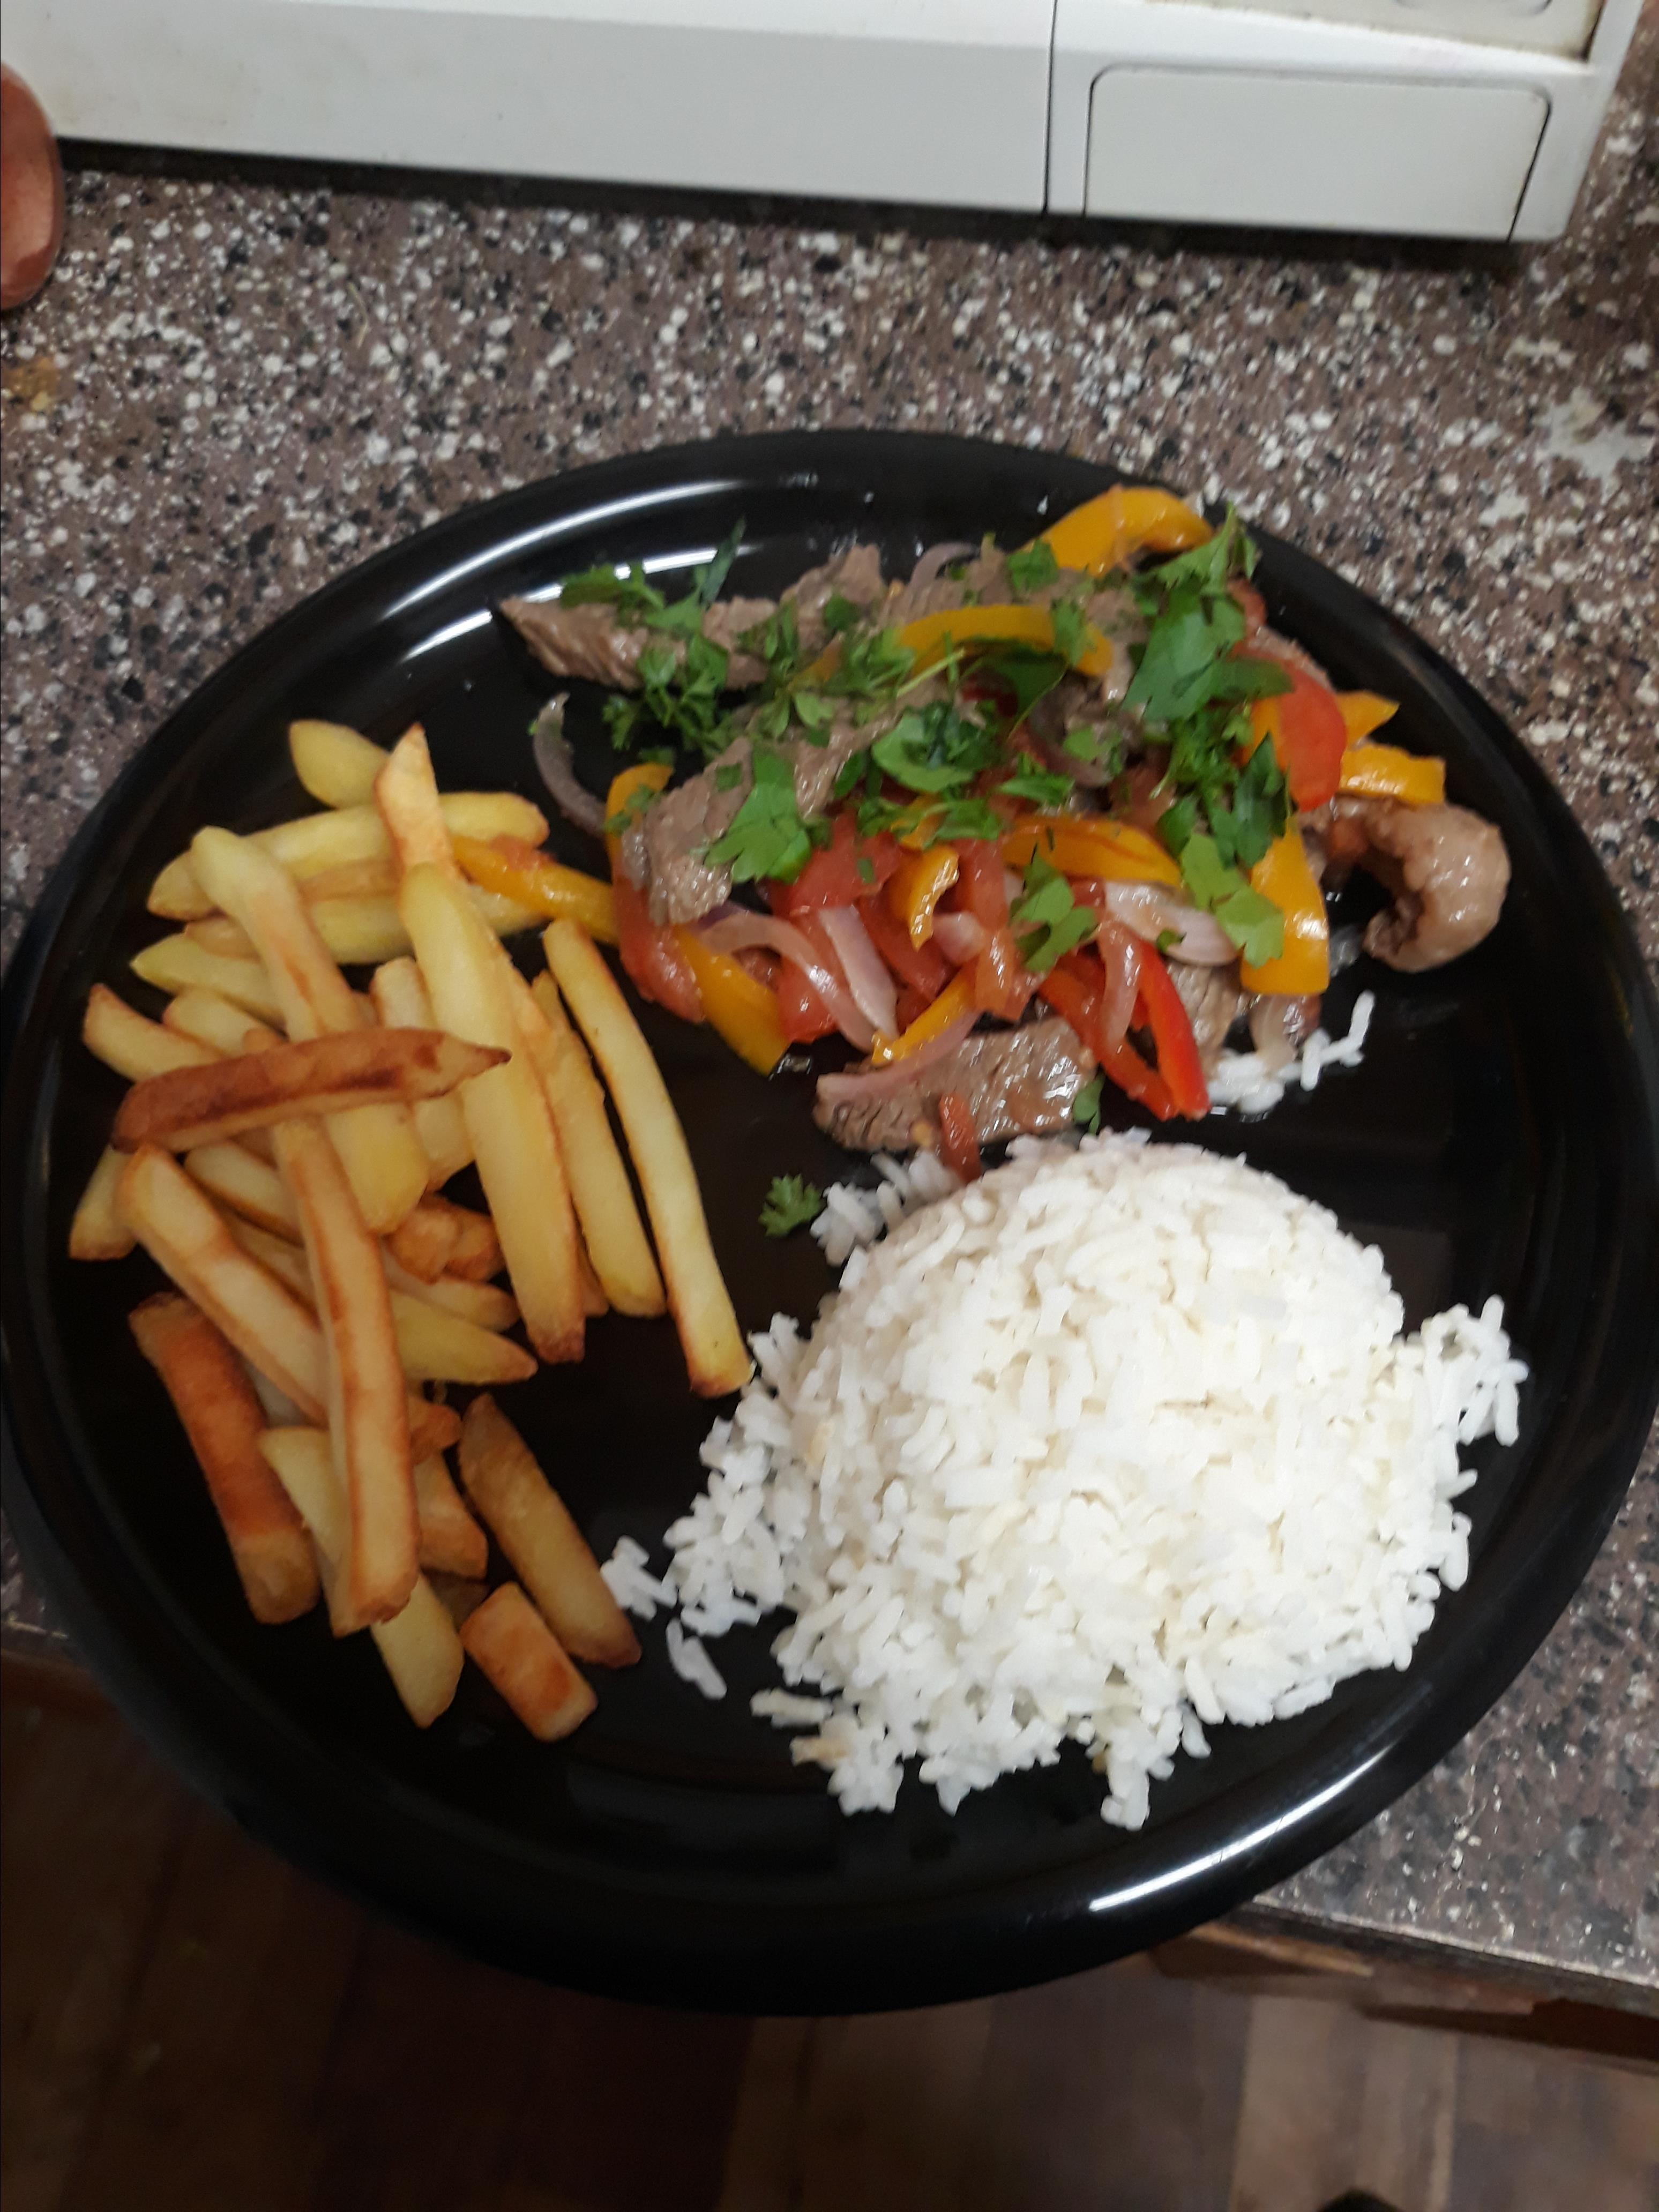 Peruvian Arroz con Pollo (Peruvian Rice and Chicken) Mamabear007